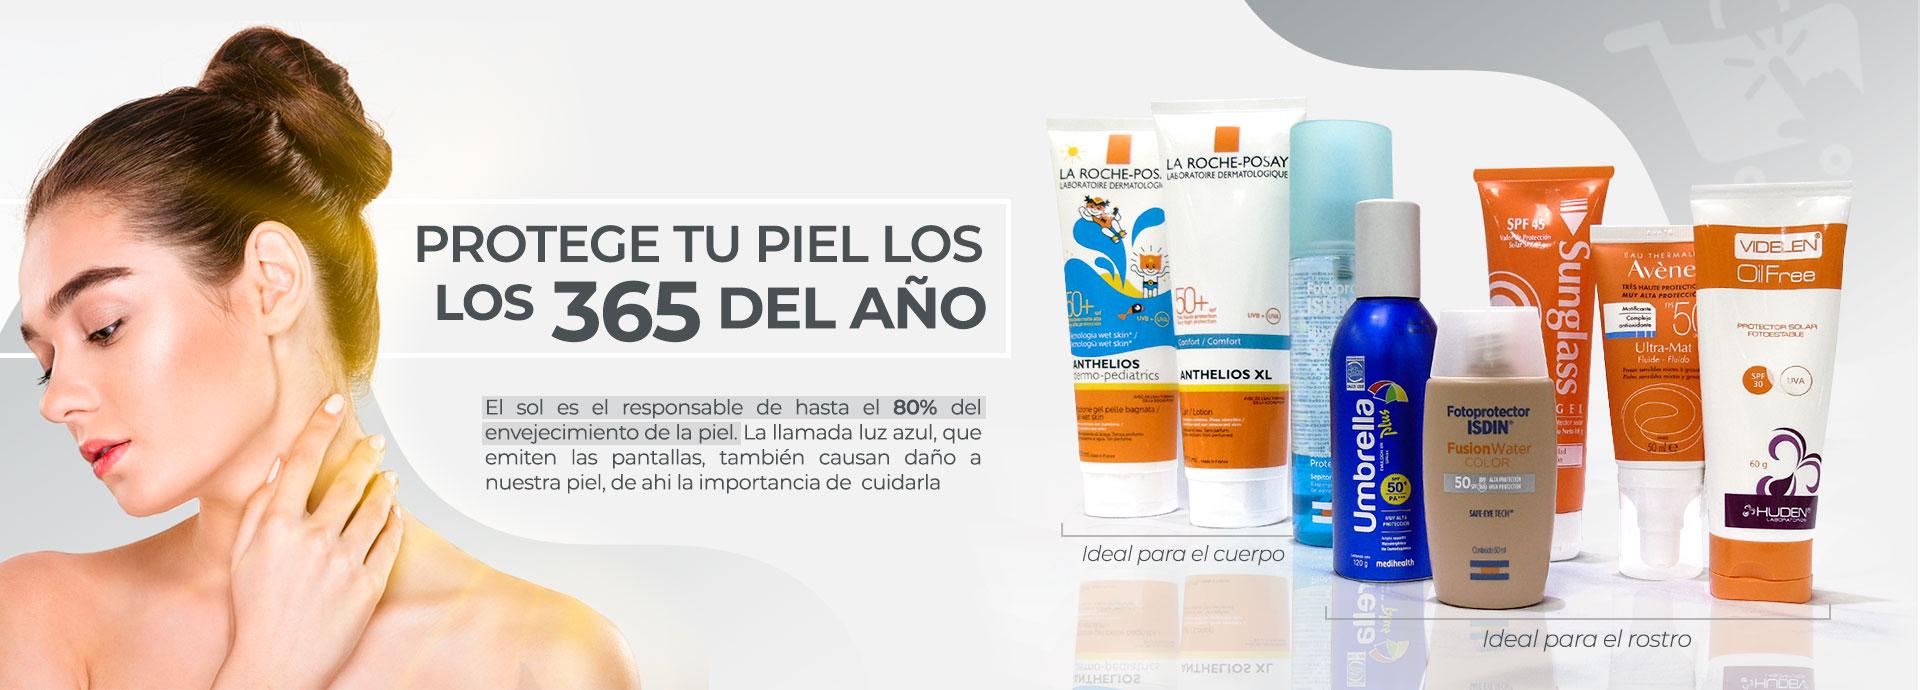 Protege tu piel los 365 días del año